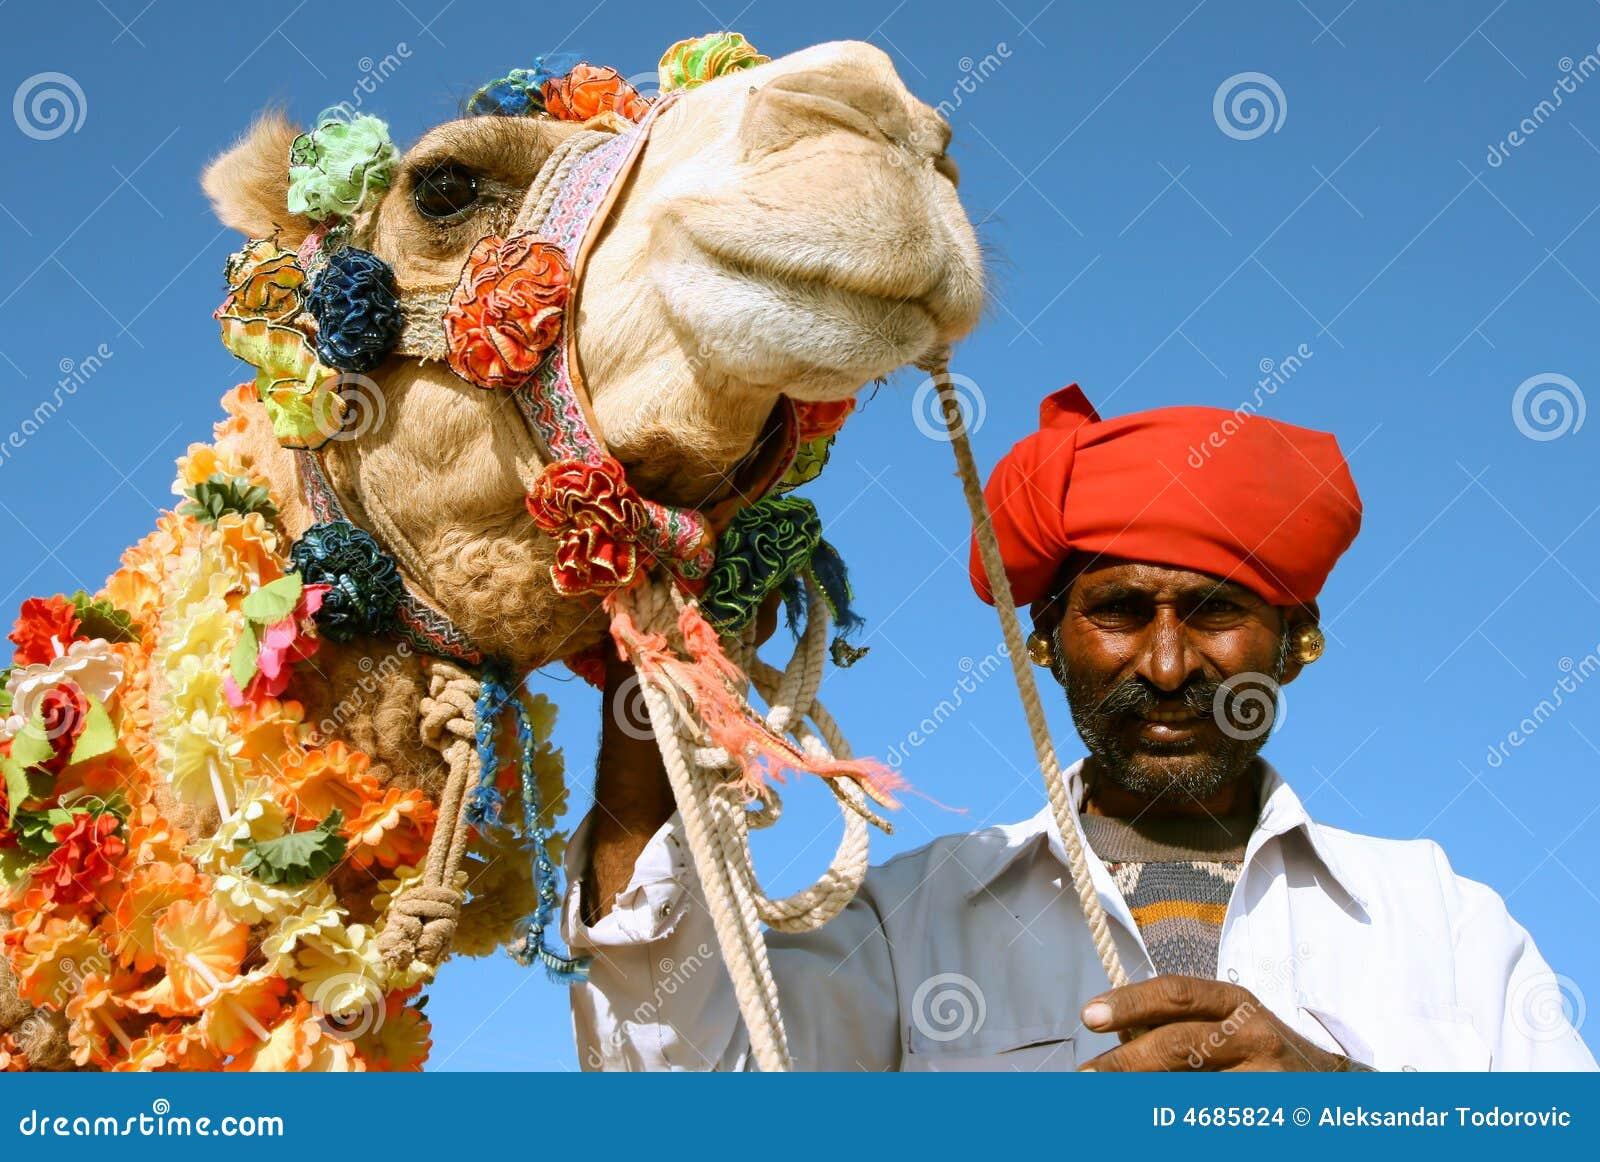 在徒步旅行队的骆驼